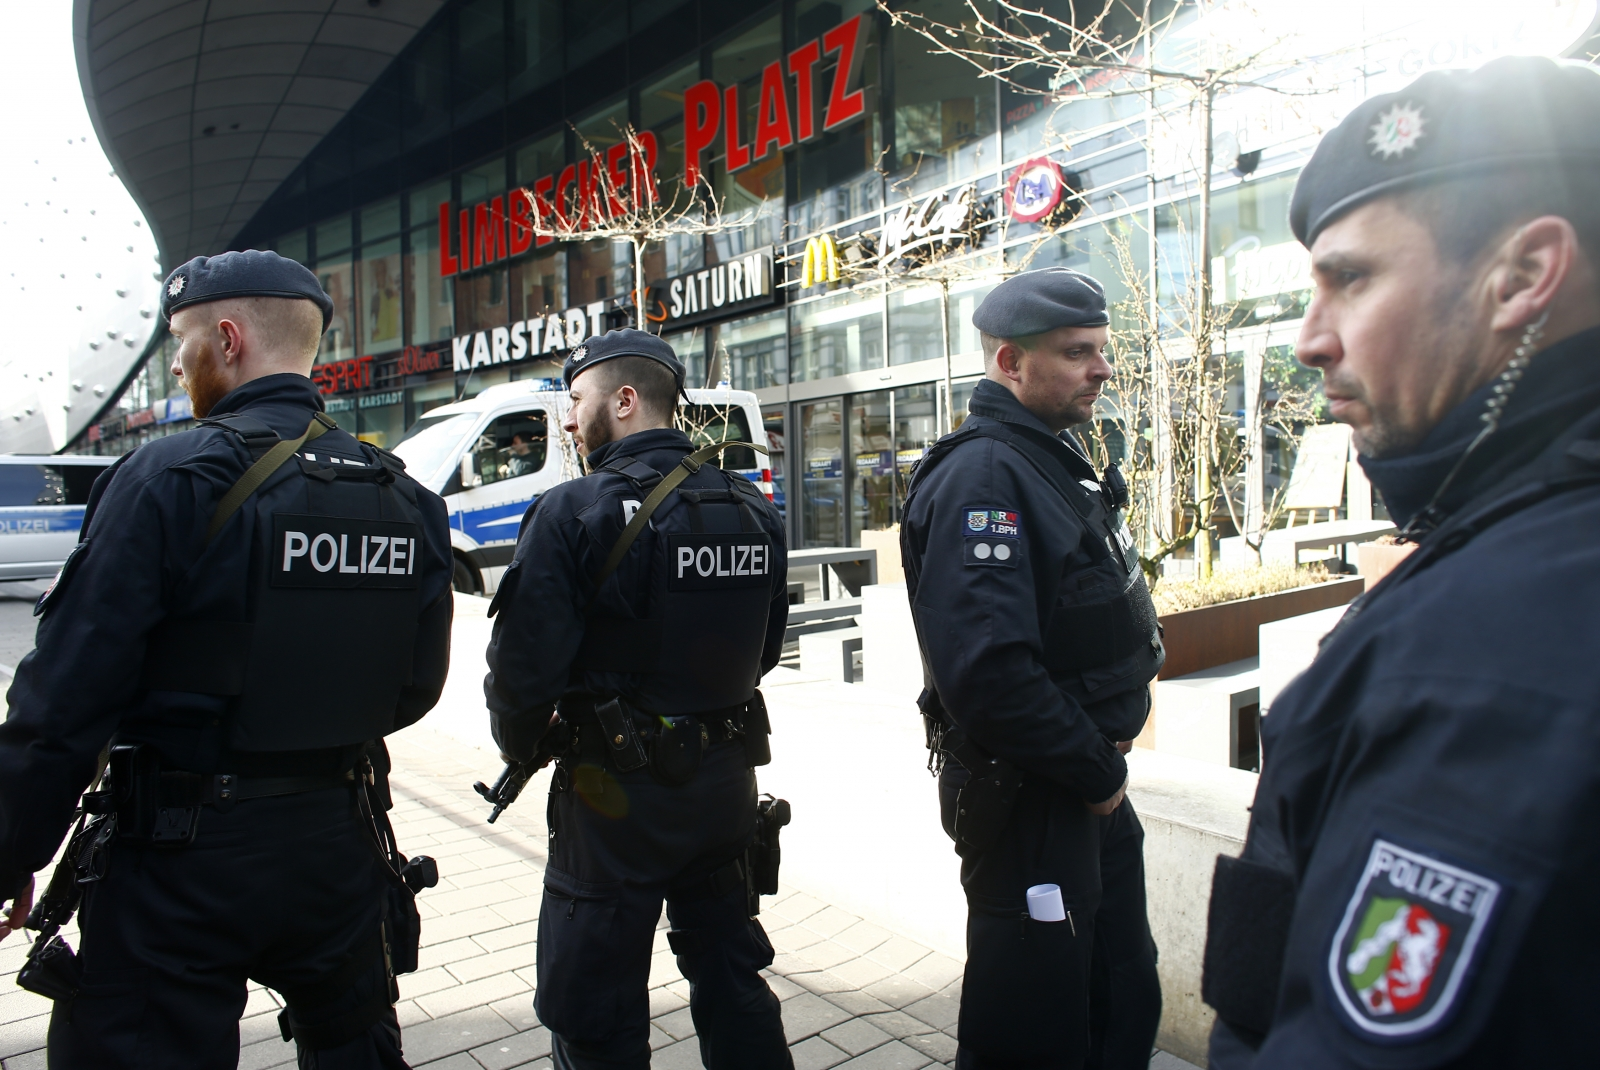 Limbecker Platz terror